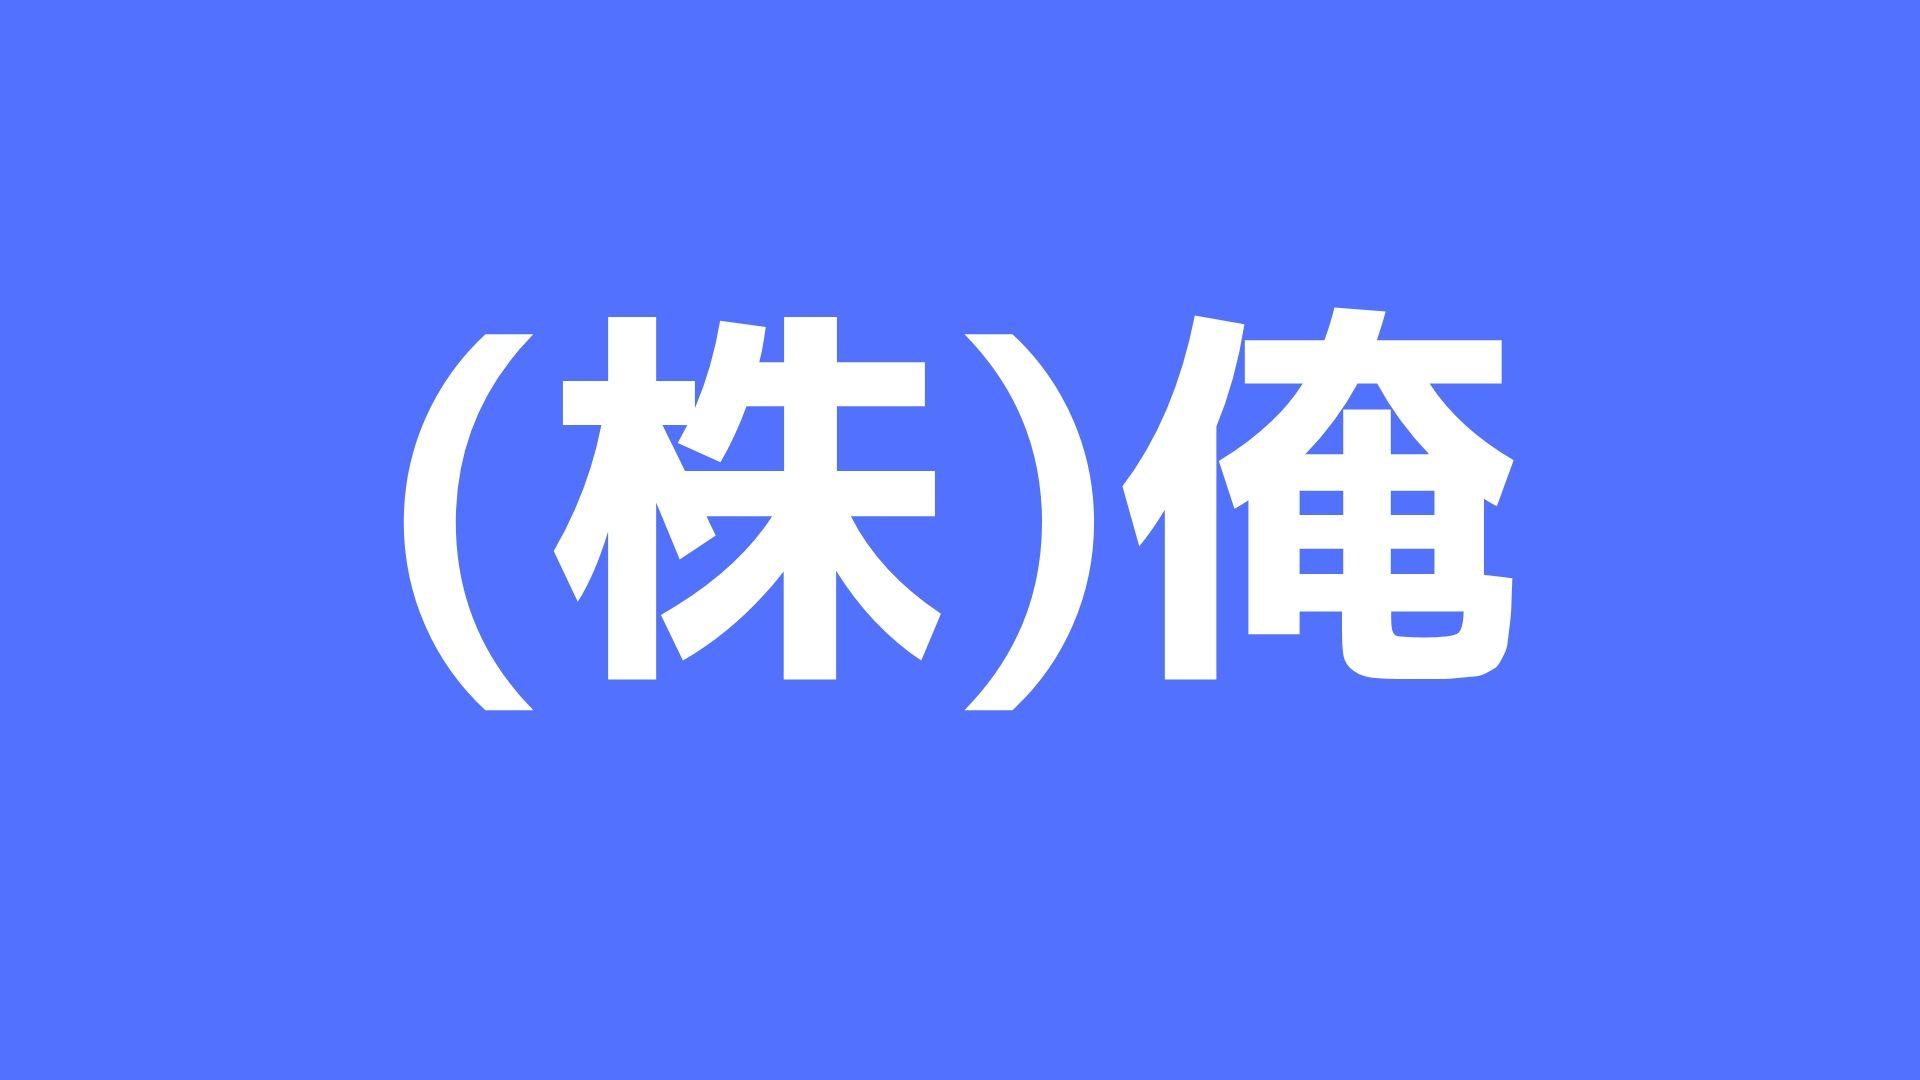 会社 俺 株式